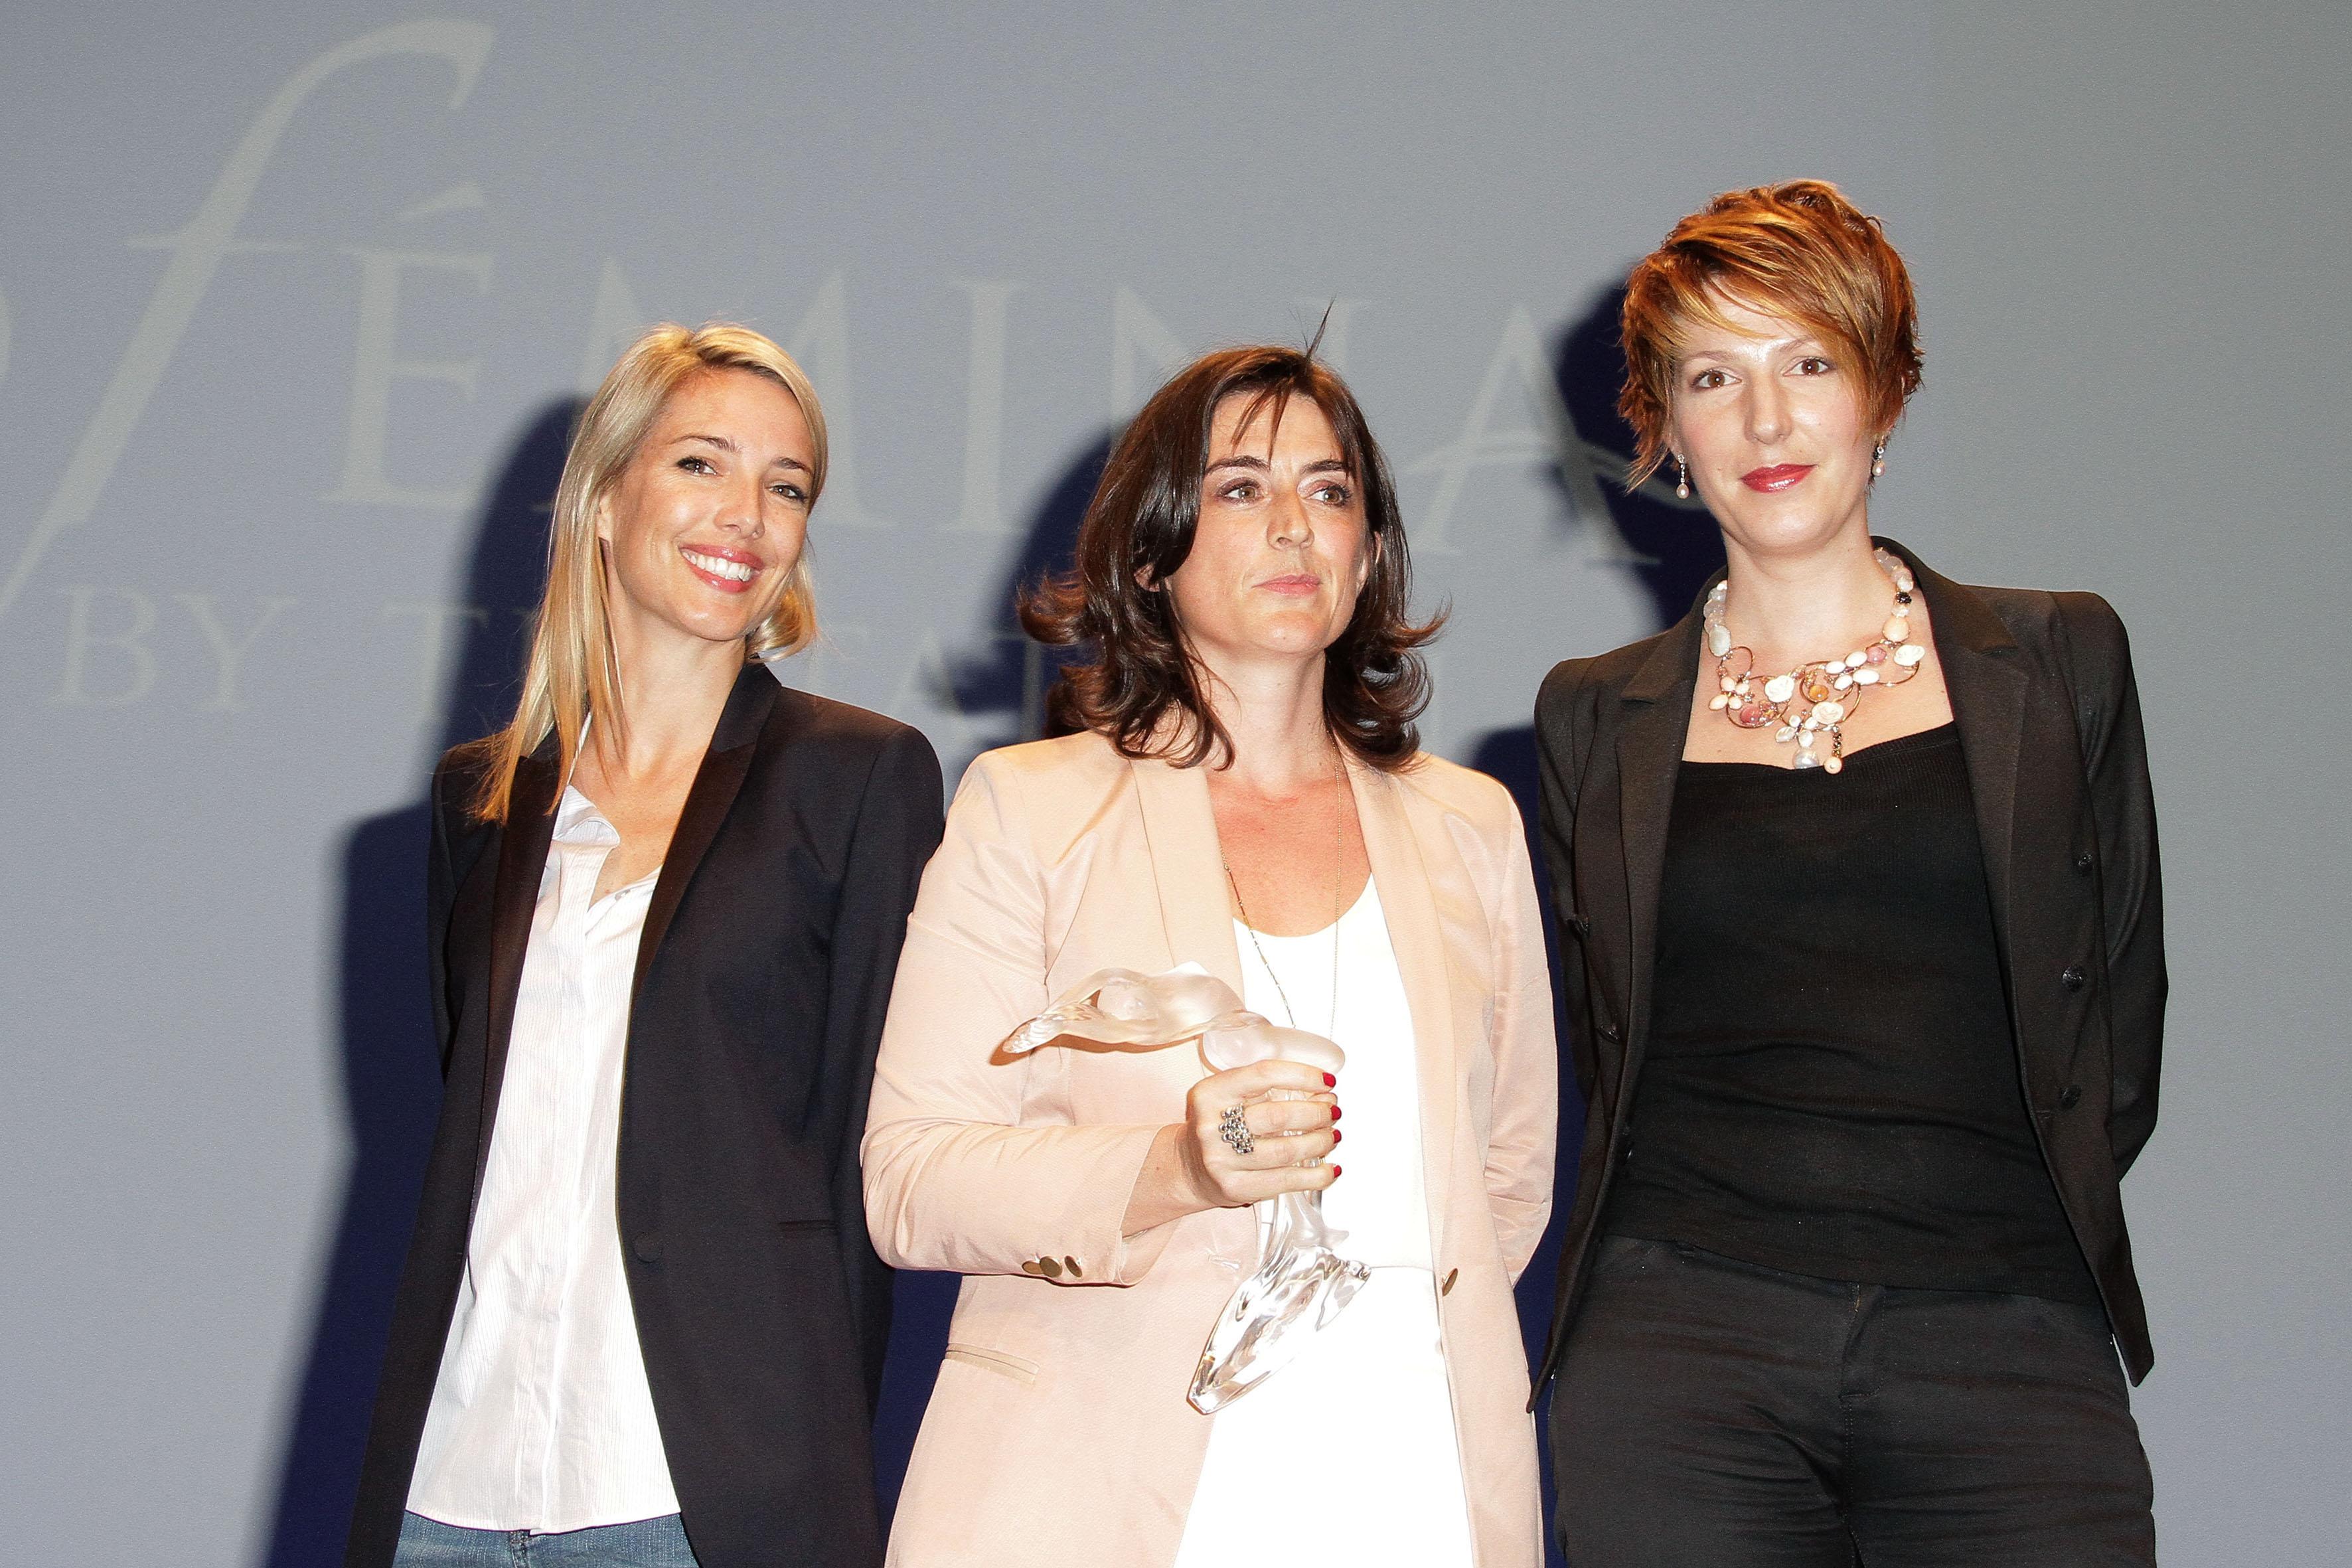 Les finalistes Médias : Sidonie Bonnec, Bérengère Bonte et Natacha Polony © Falour